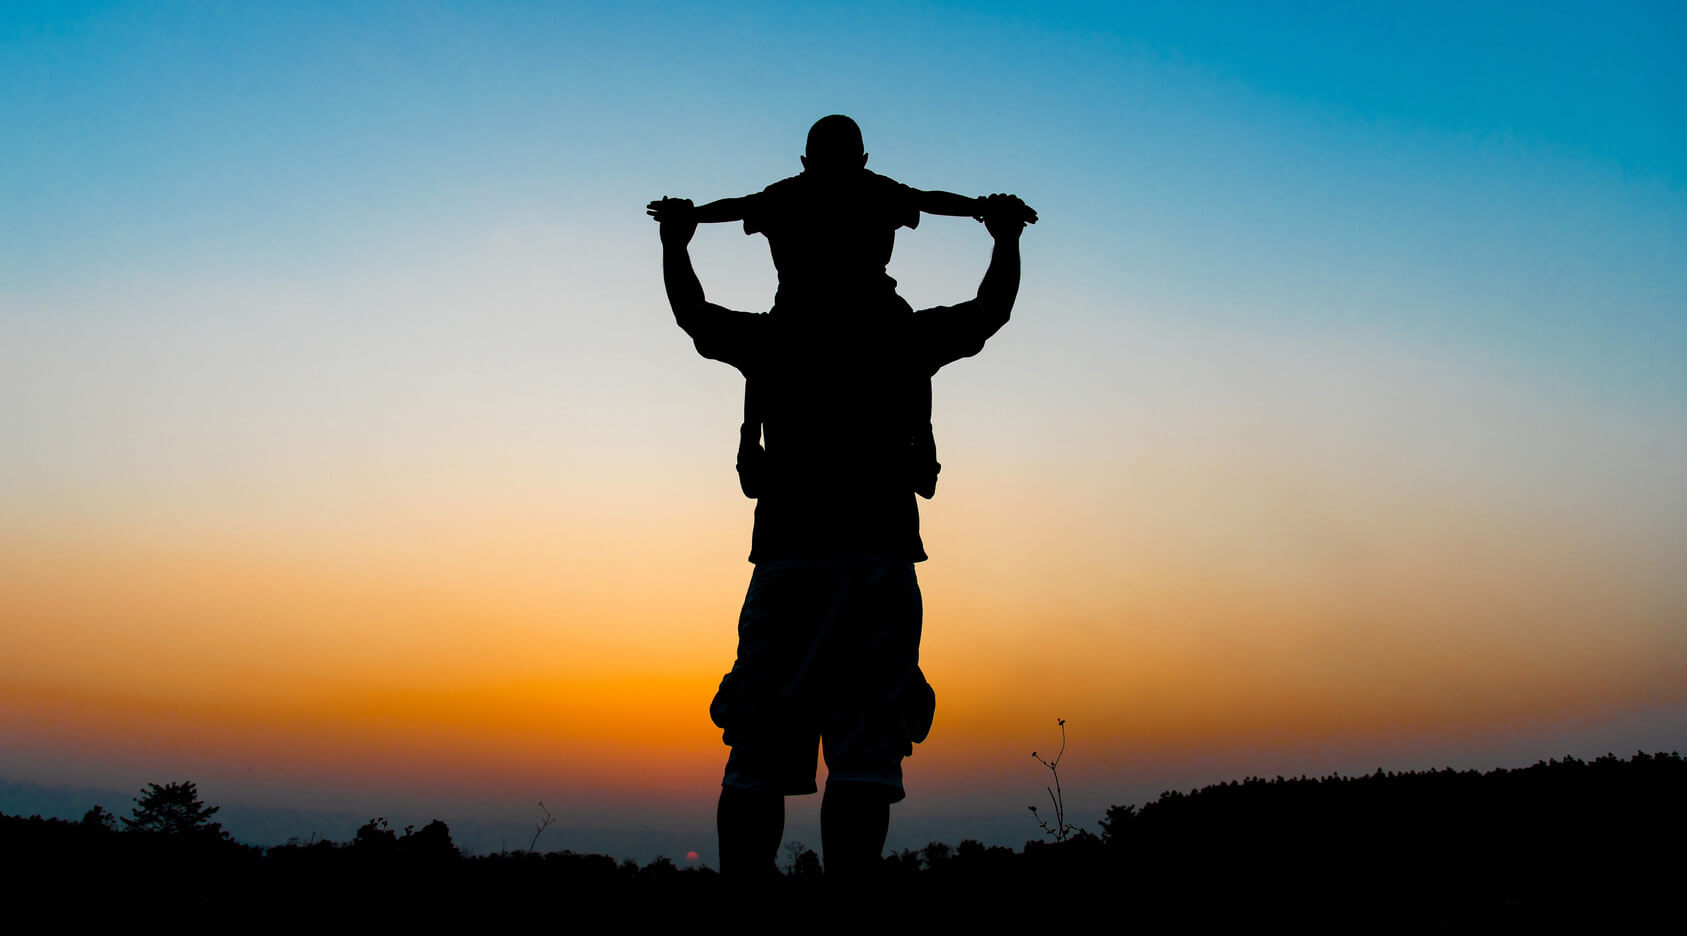 Prezenty na Dzień Ojca, które sprawią mu prawdziwą radość